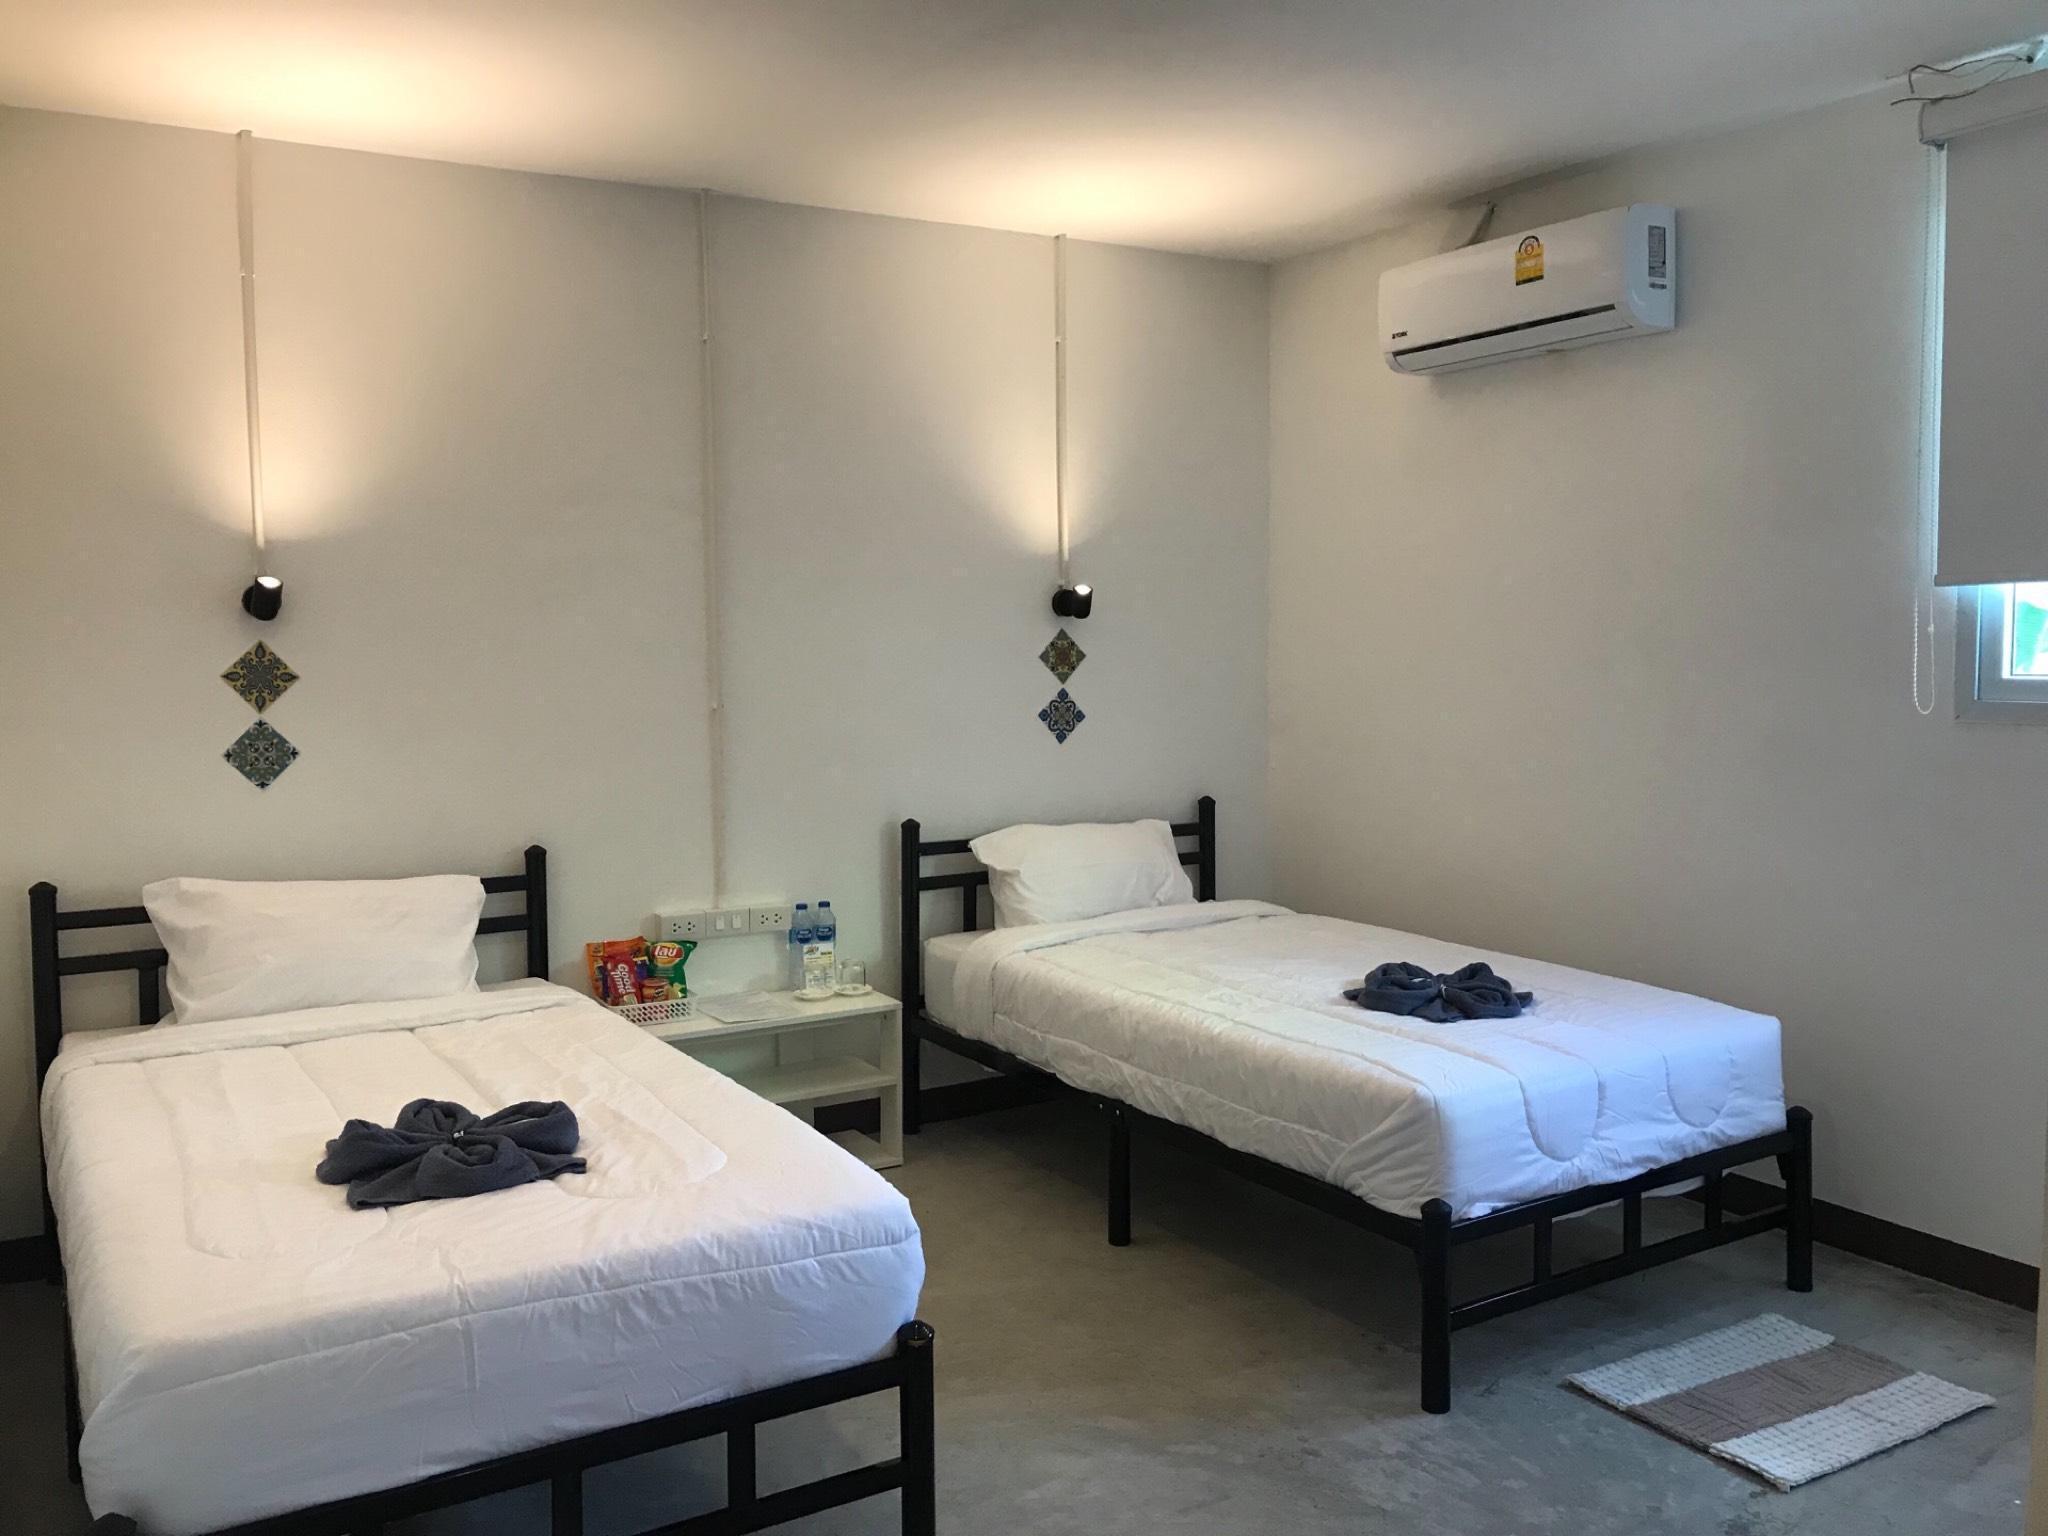 Wake Up@Lanta Hotel อพาร์ตเมนต์ 1 ห้องนอน 1 ห้องน้ำส่วนตัว ขนาด 25 ตร.ม. – หาดคลองดาว/หาดพระแอ